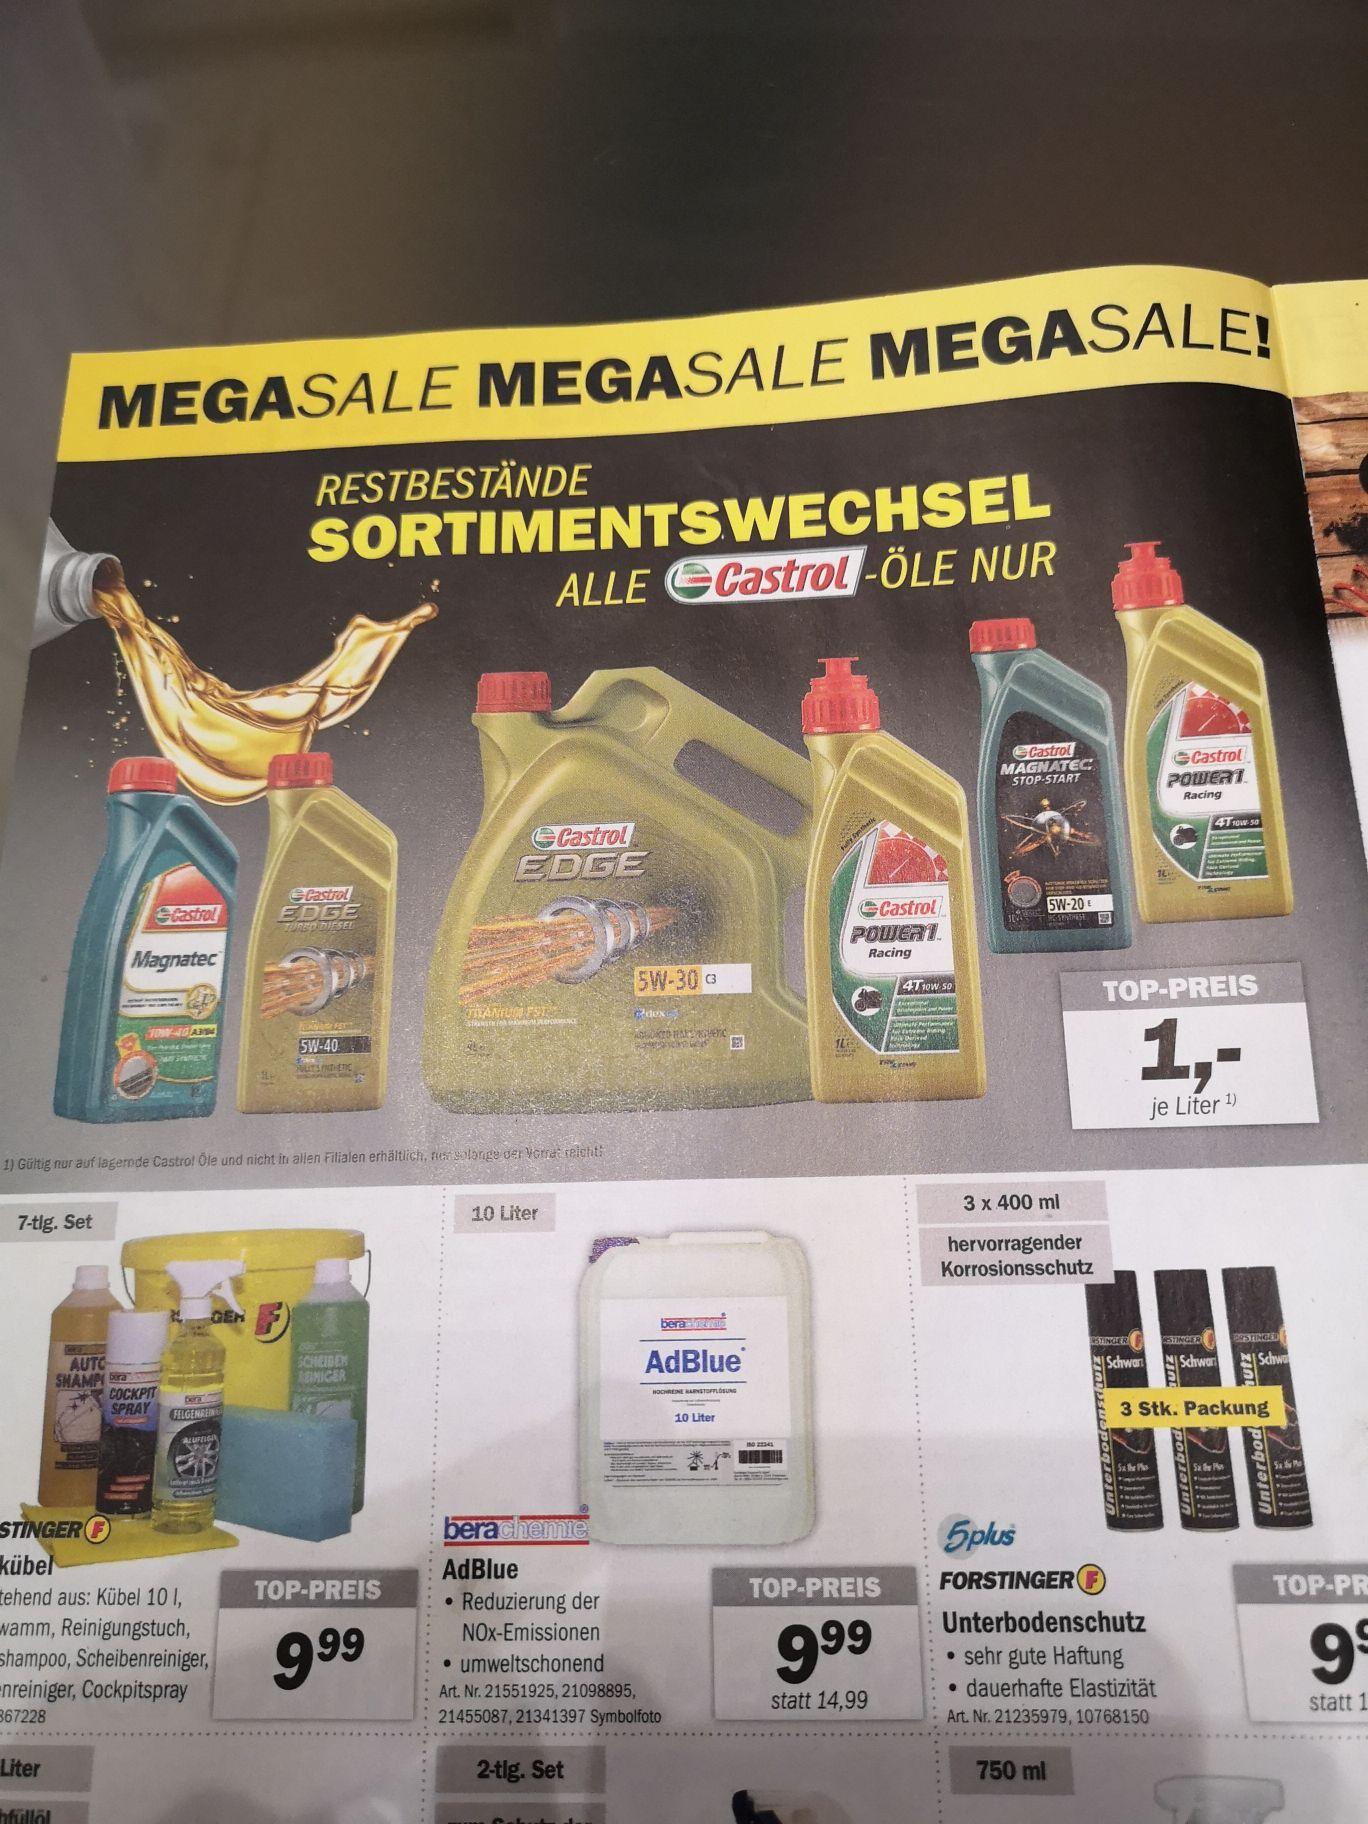 [Forstinger] 1€/Liter auf alle lagernden Castrol Öle